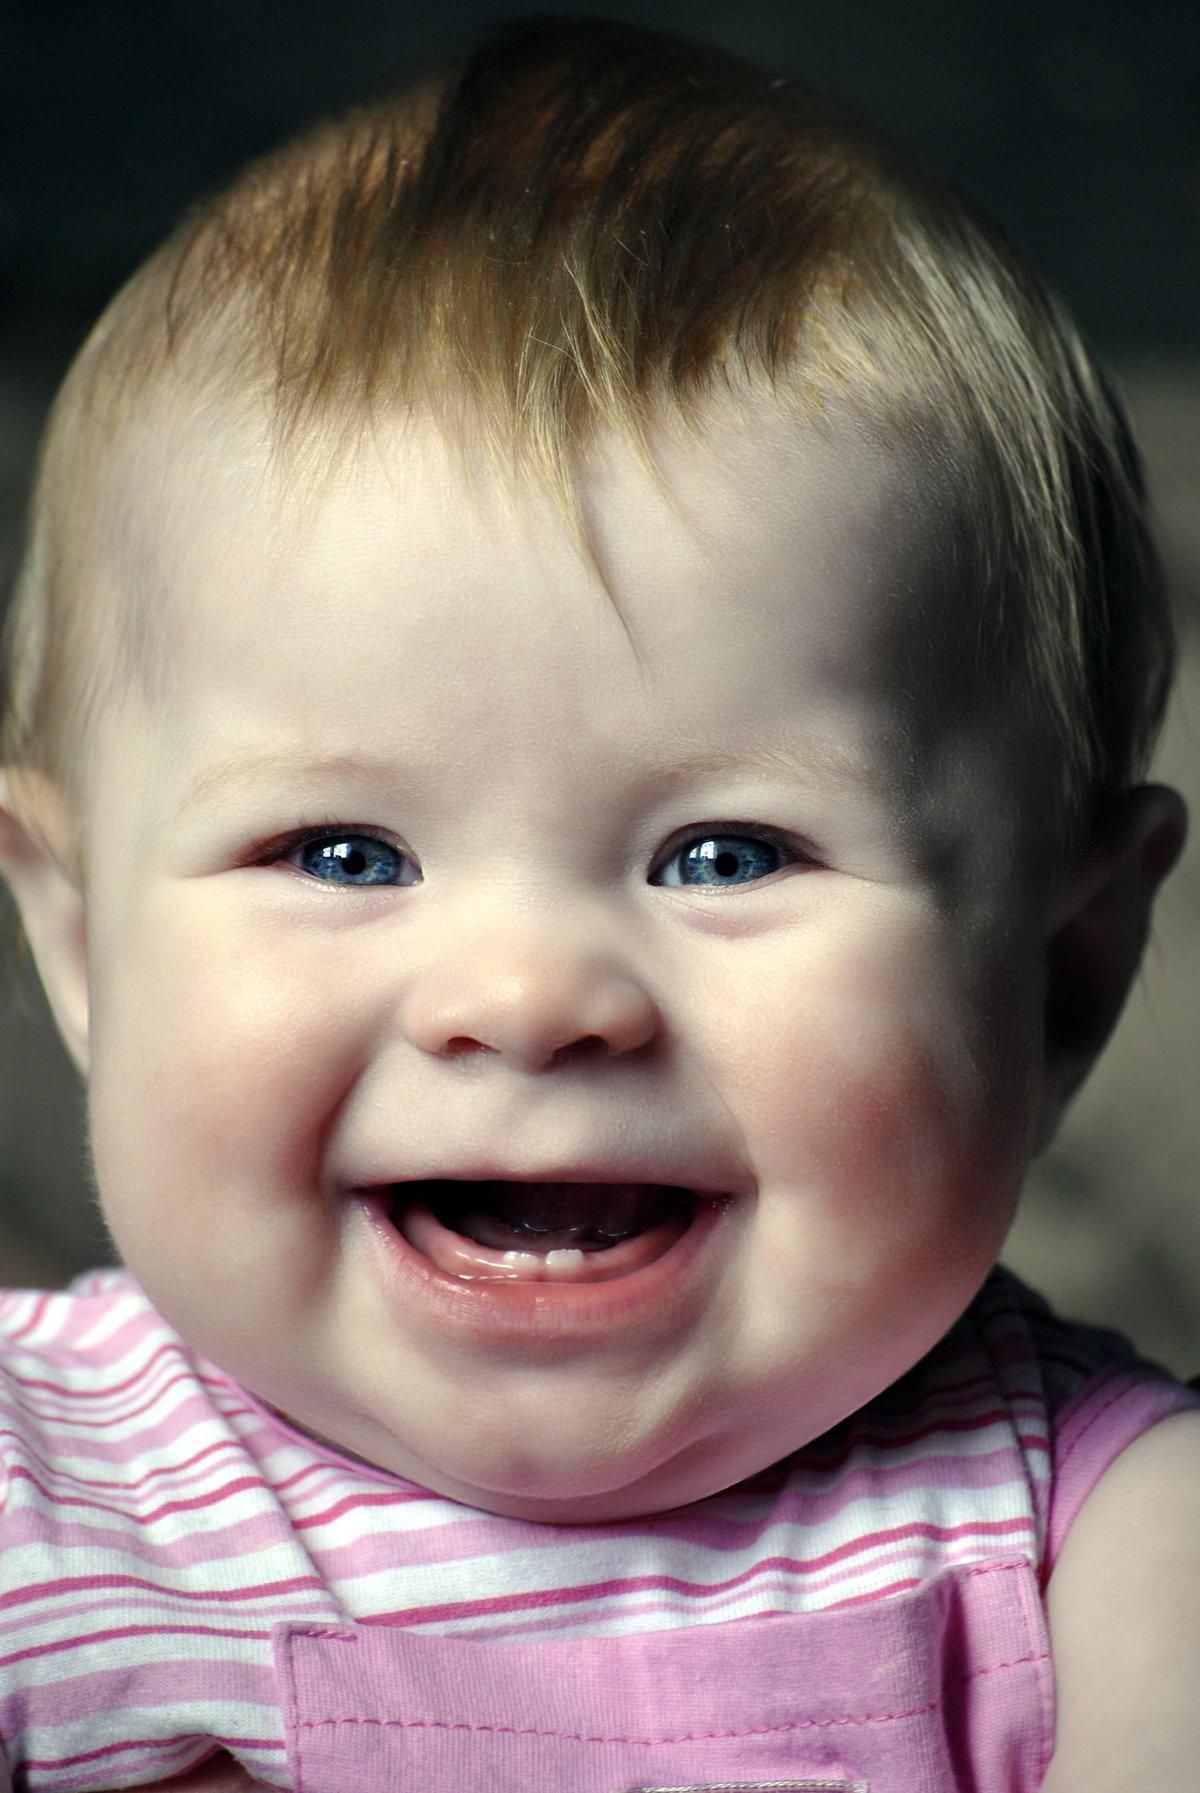 социальной картинки фото с улыбающимися лицами помощью